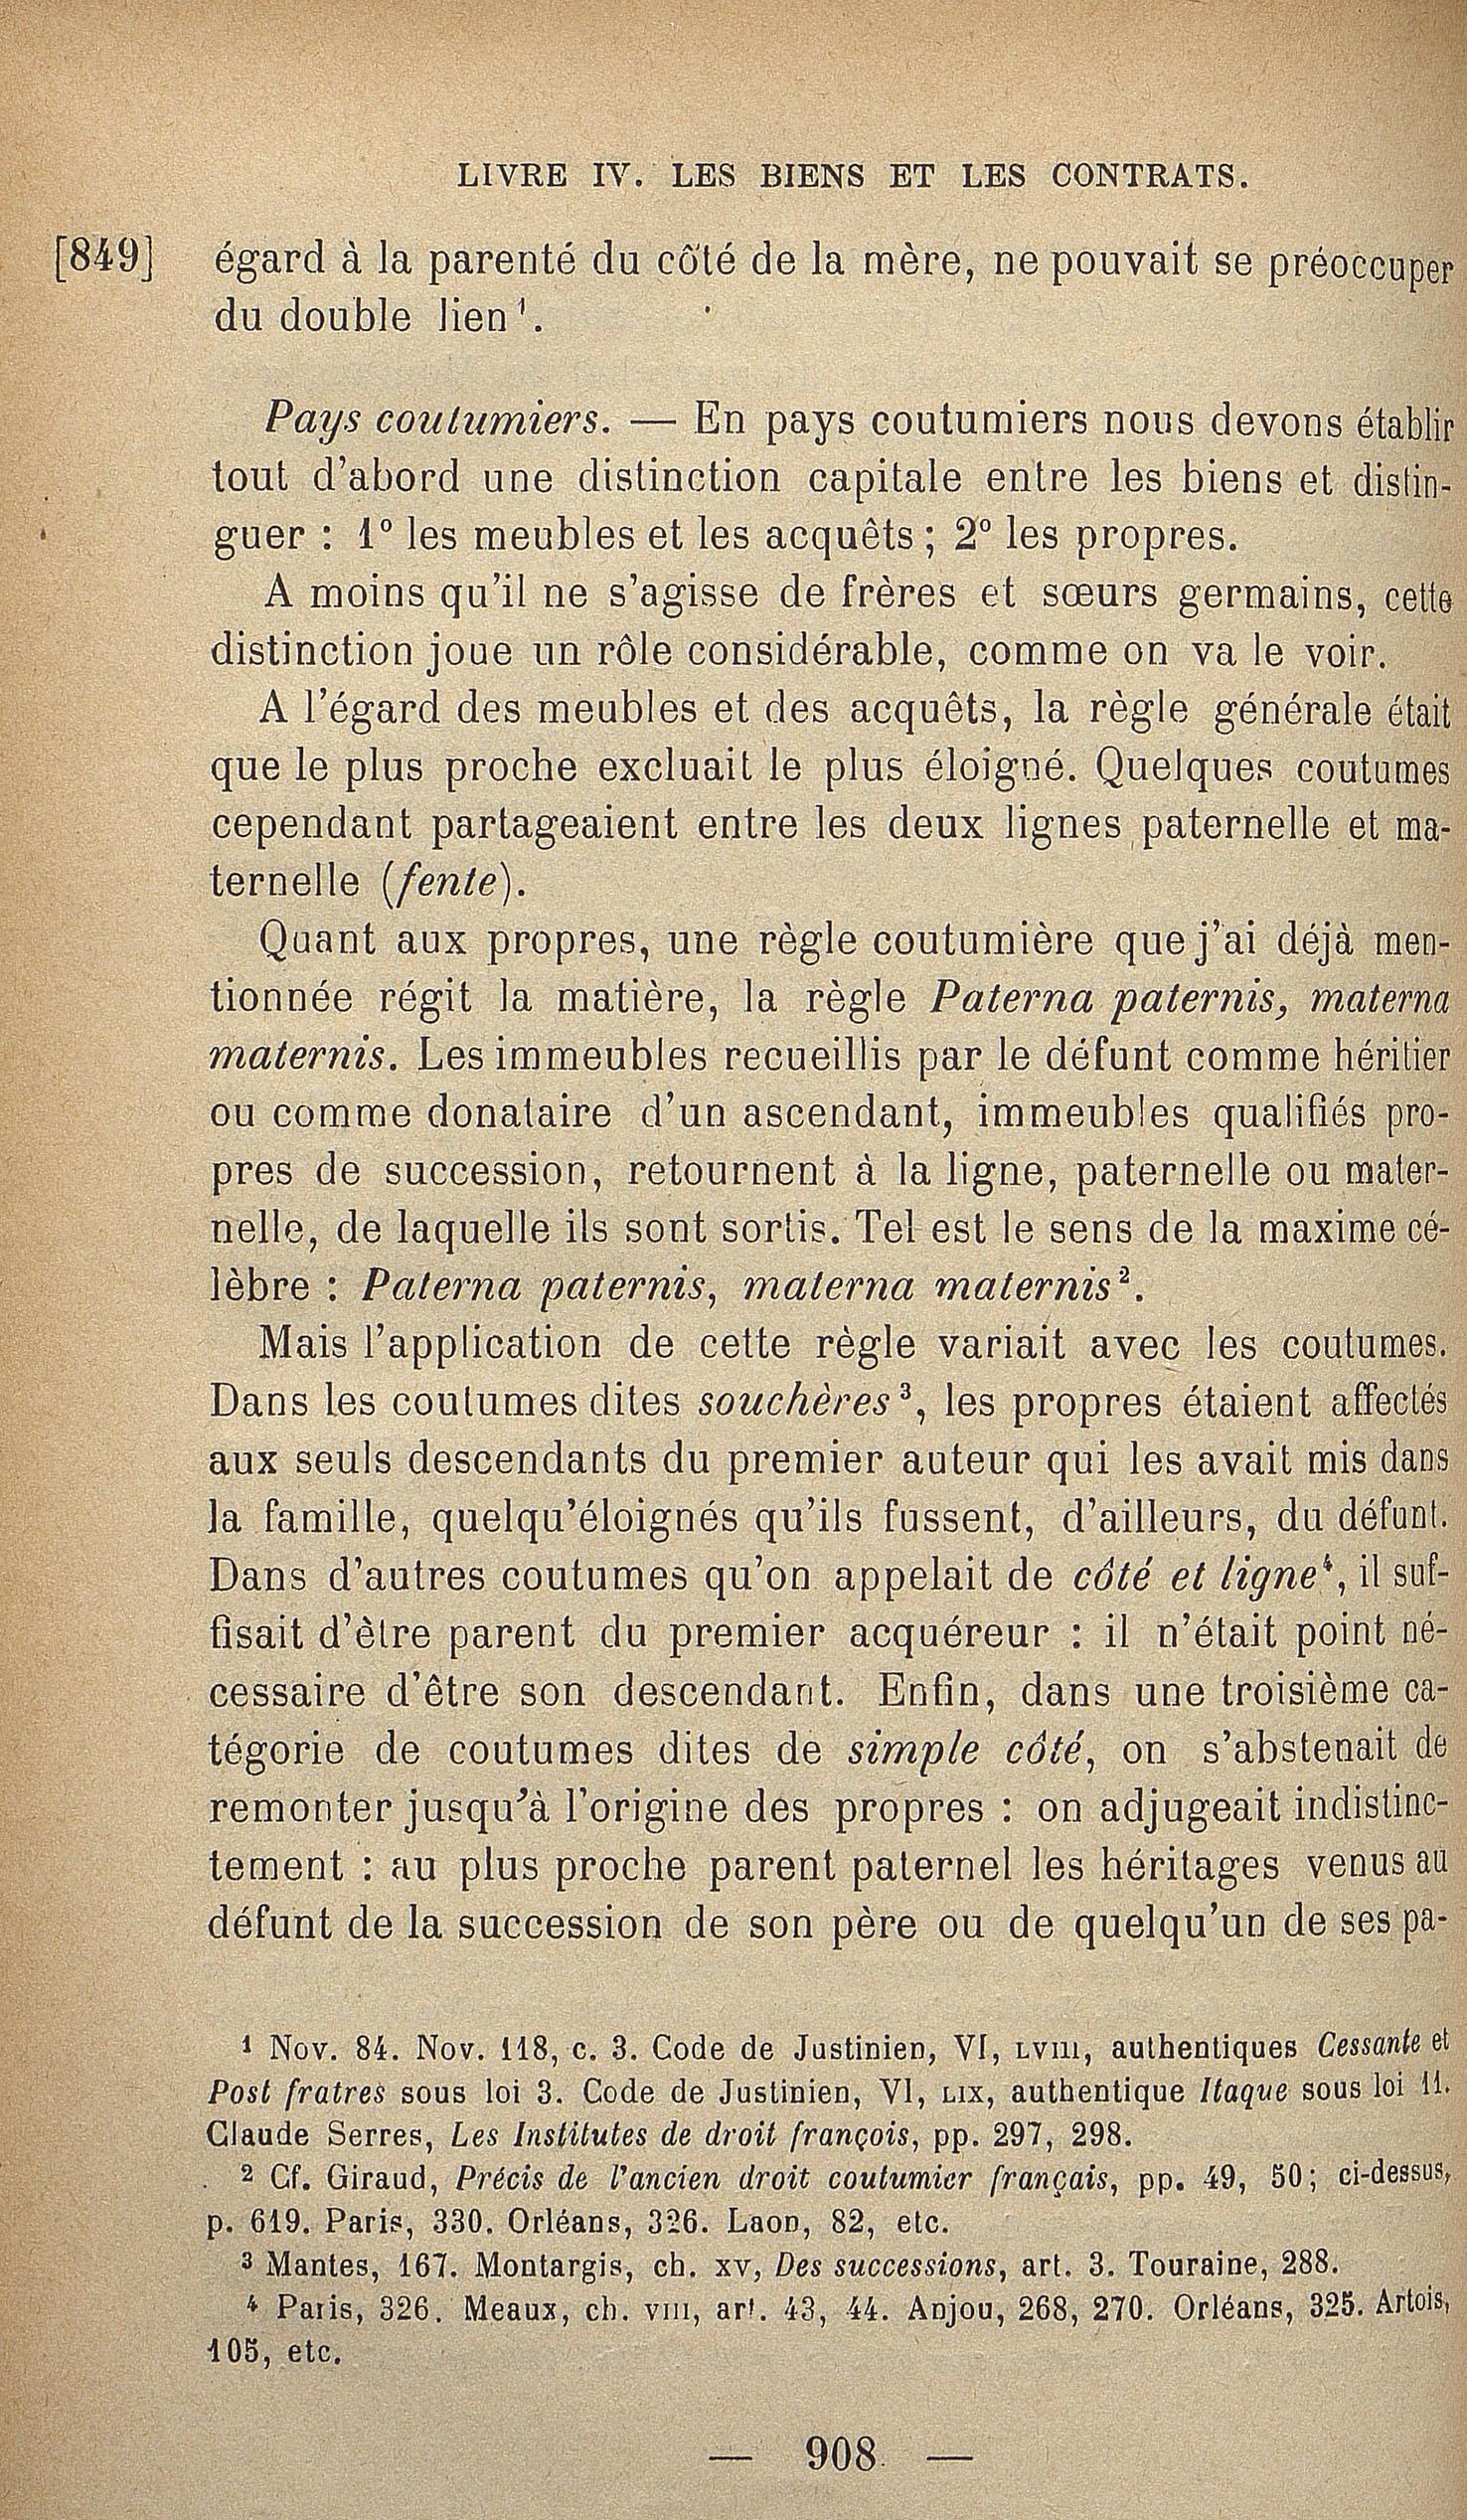 http://expo-paulviollet.univ-paris1.fr/wp-content/uploads/2016/02/0605121670_0918.jpg